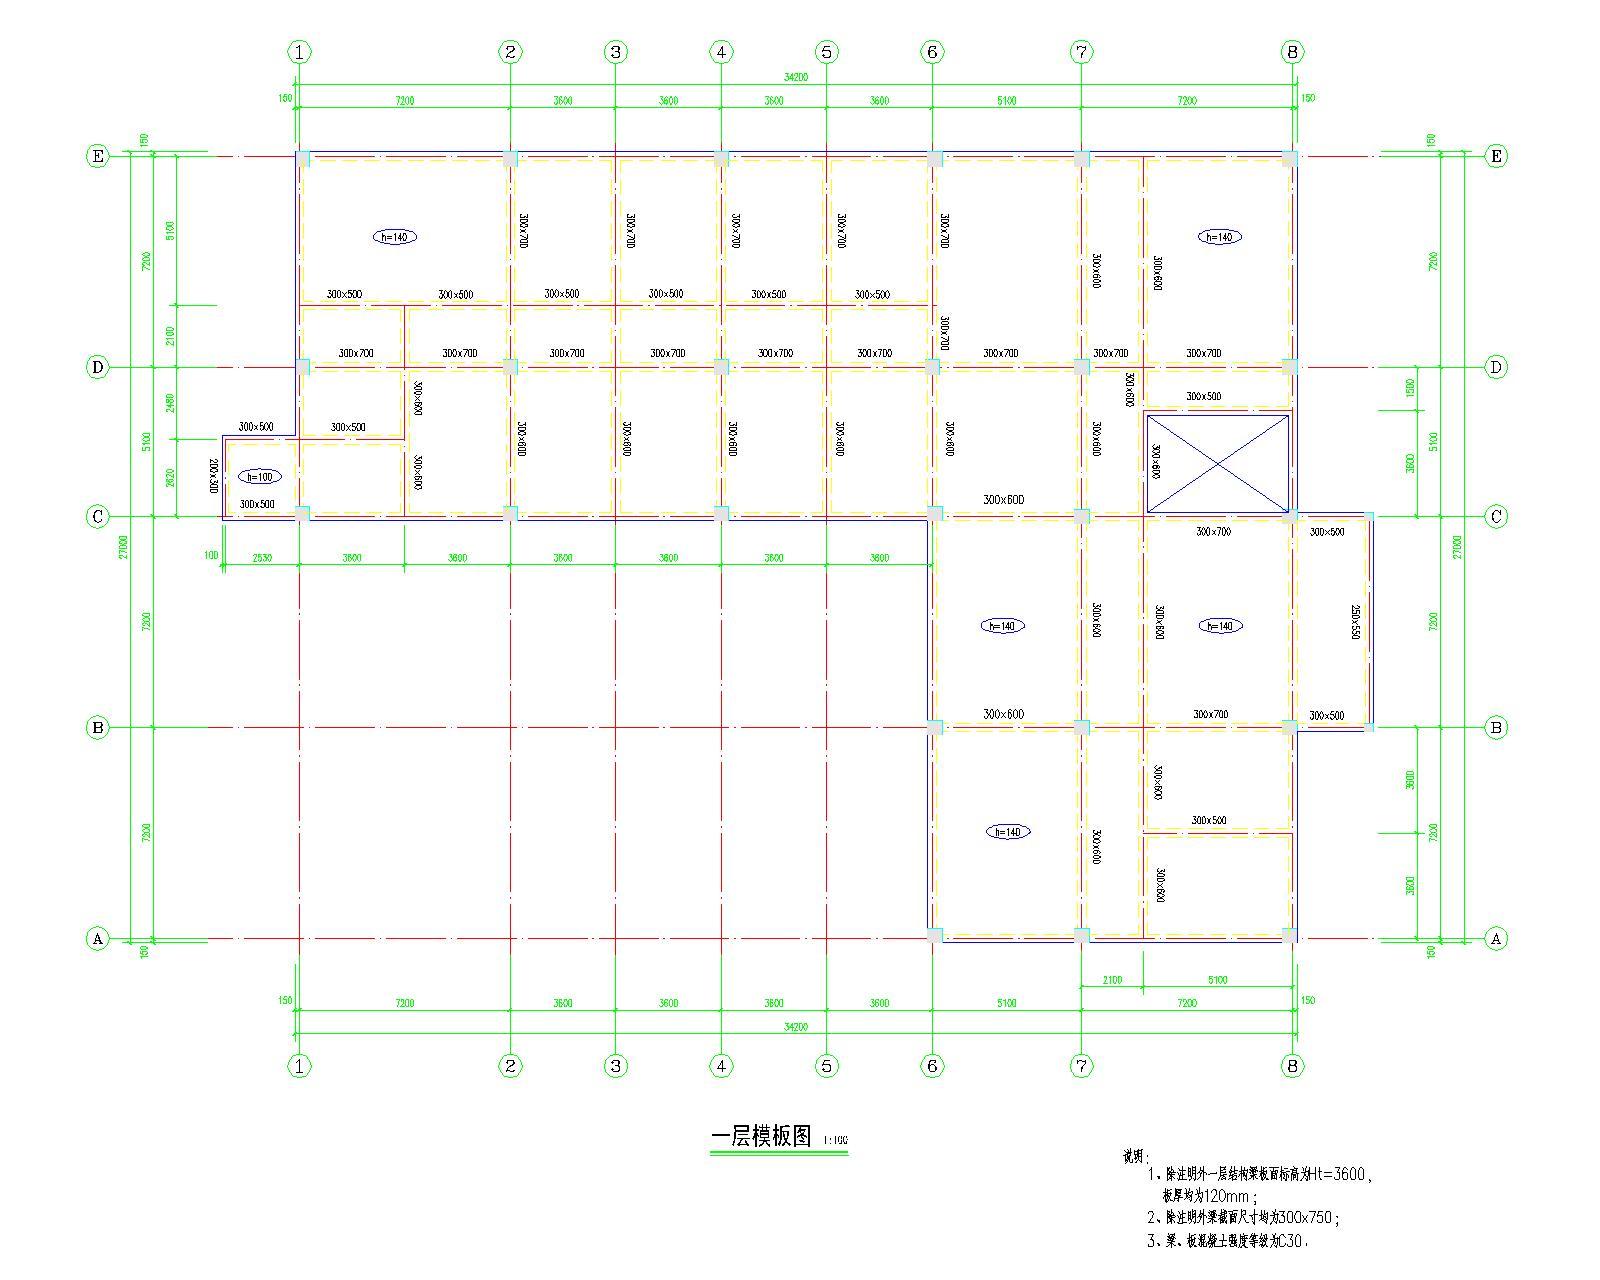 框架结构模板施工方案  所属分类:建筑结构图  结构模板图相关下载